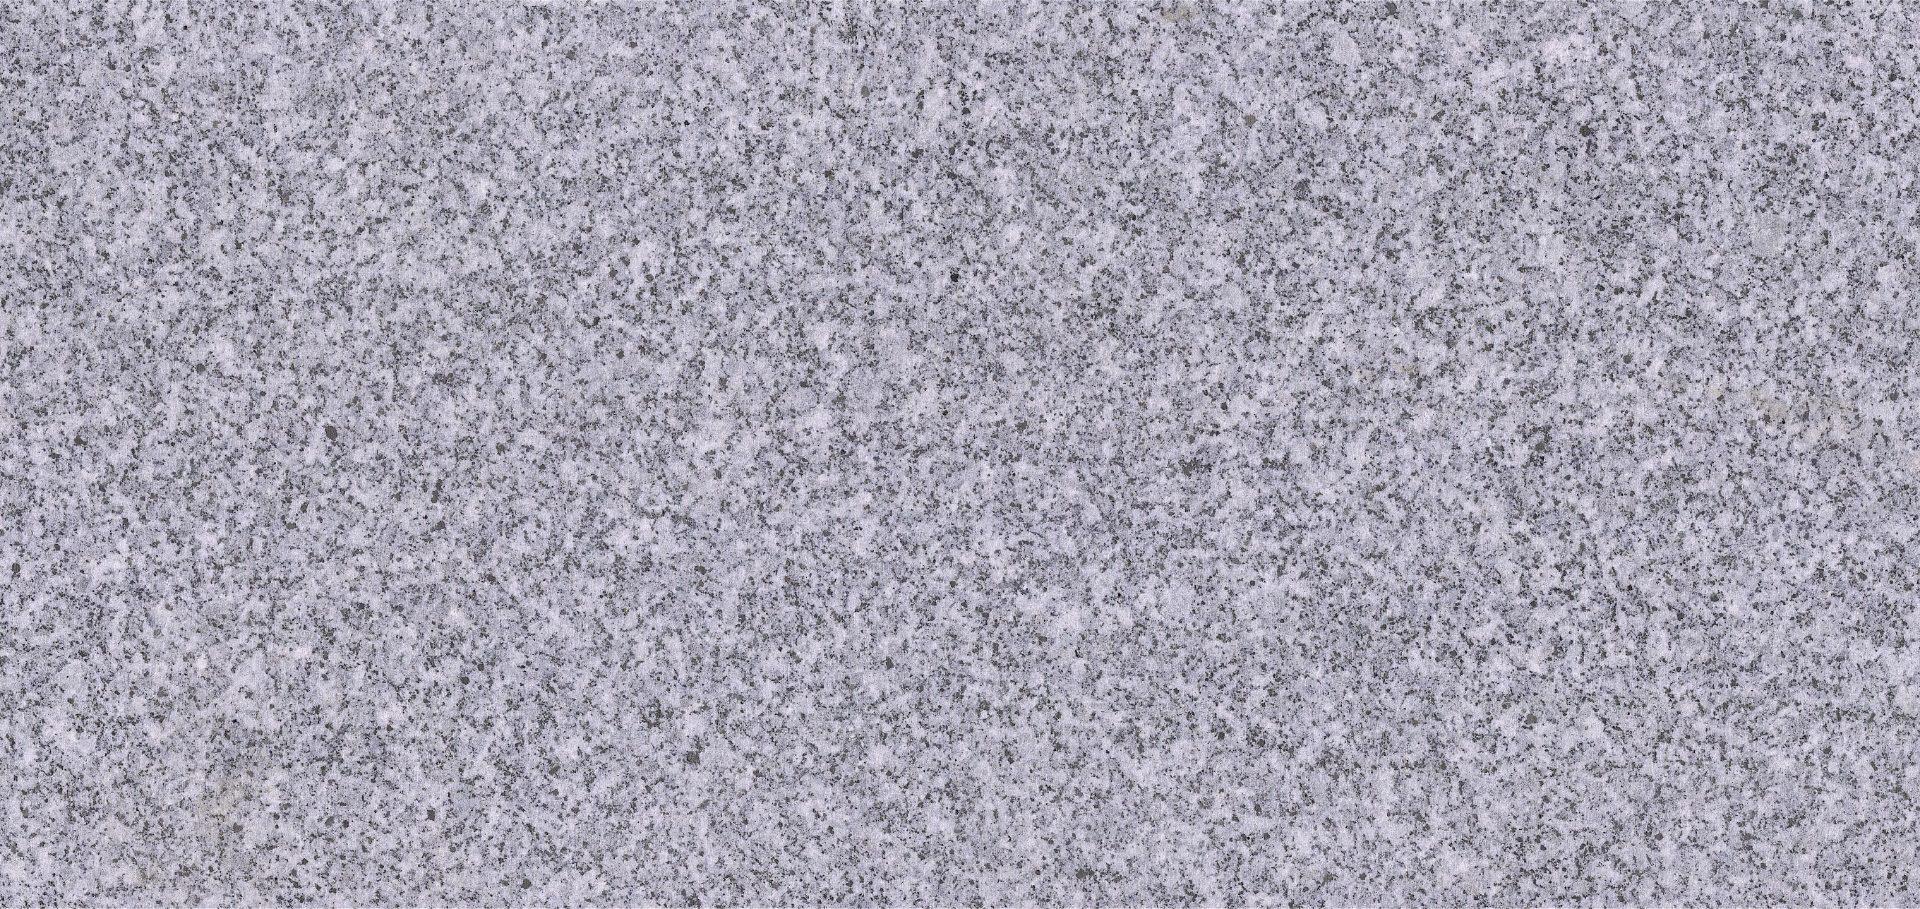 Textur und Oberfläche grau gesägter Granit